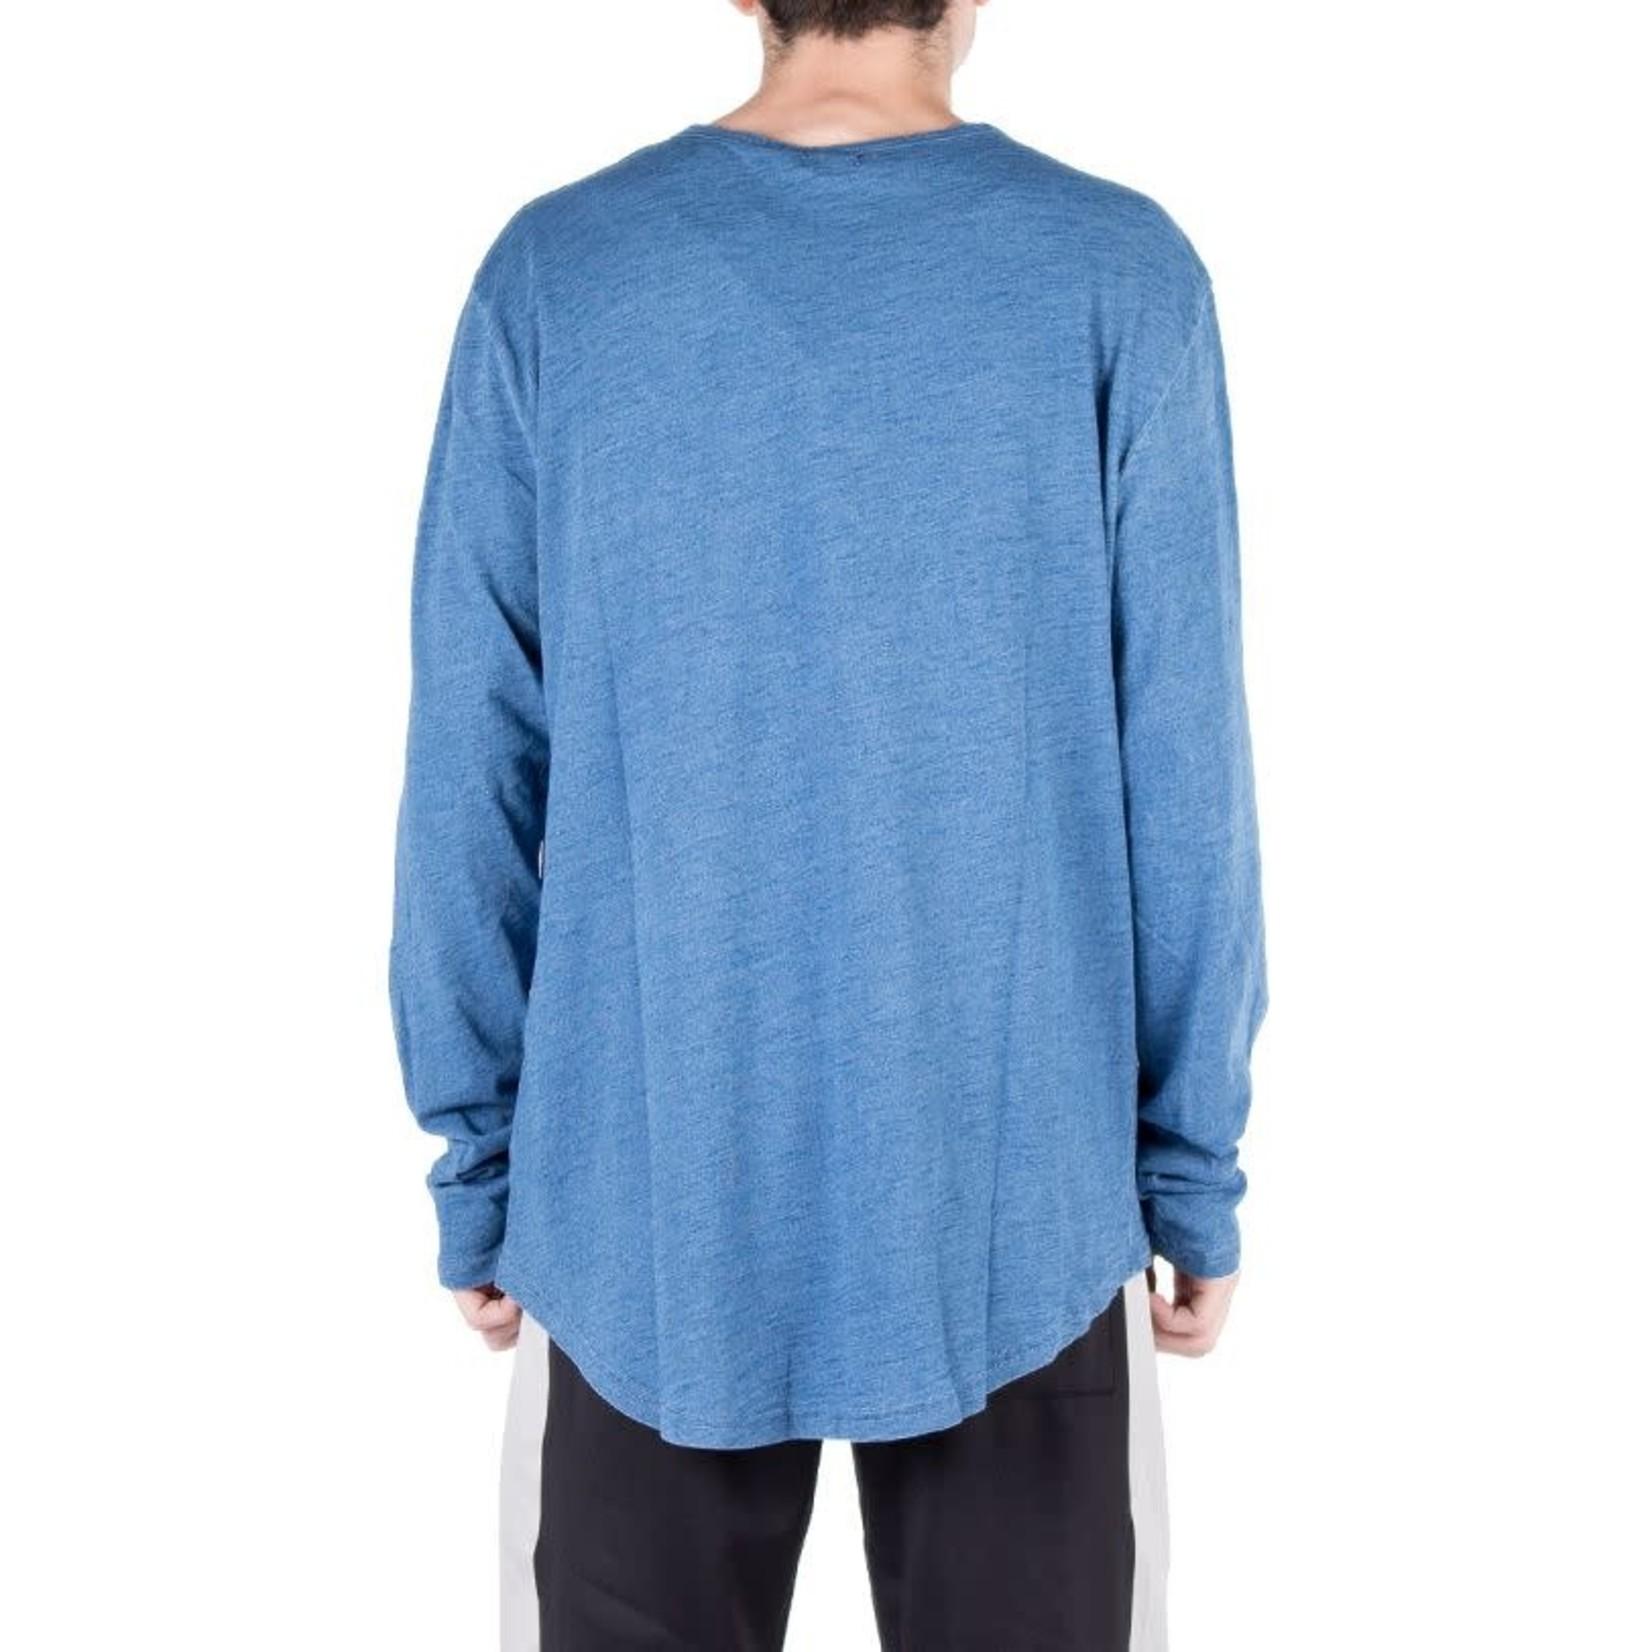 WLKN WLKN : The Stereo Henley T-Shirt